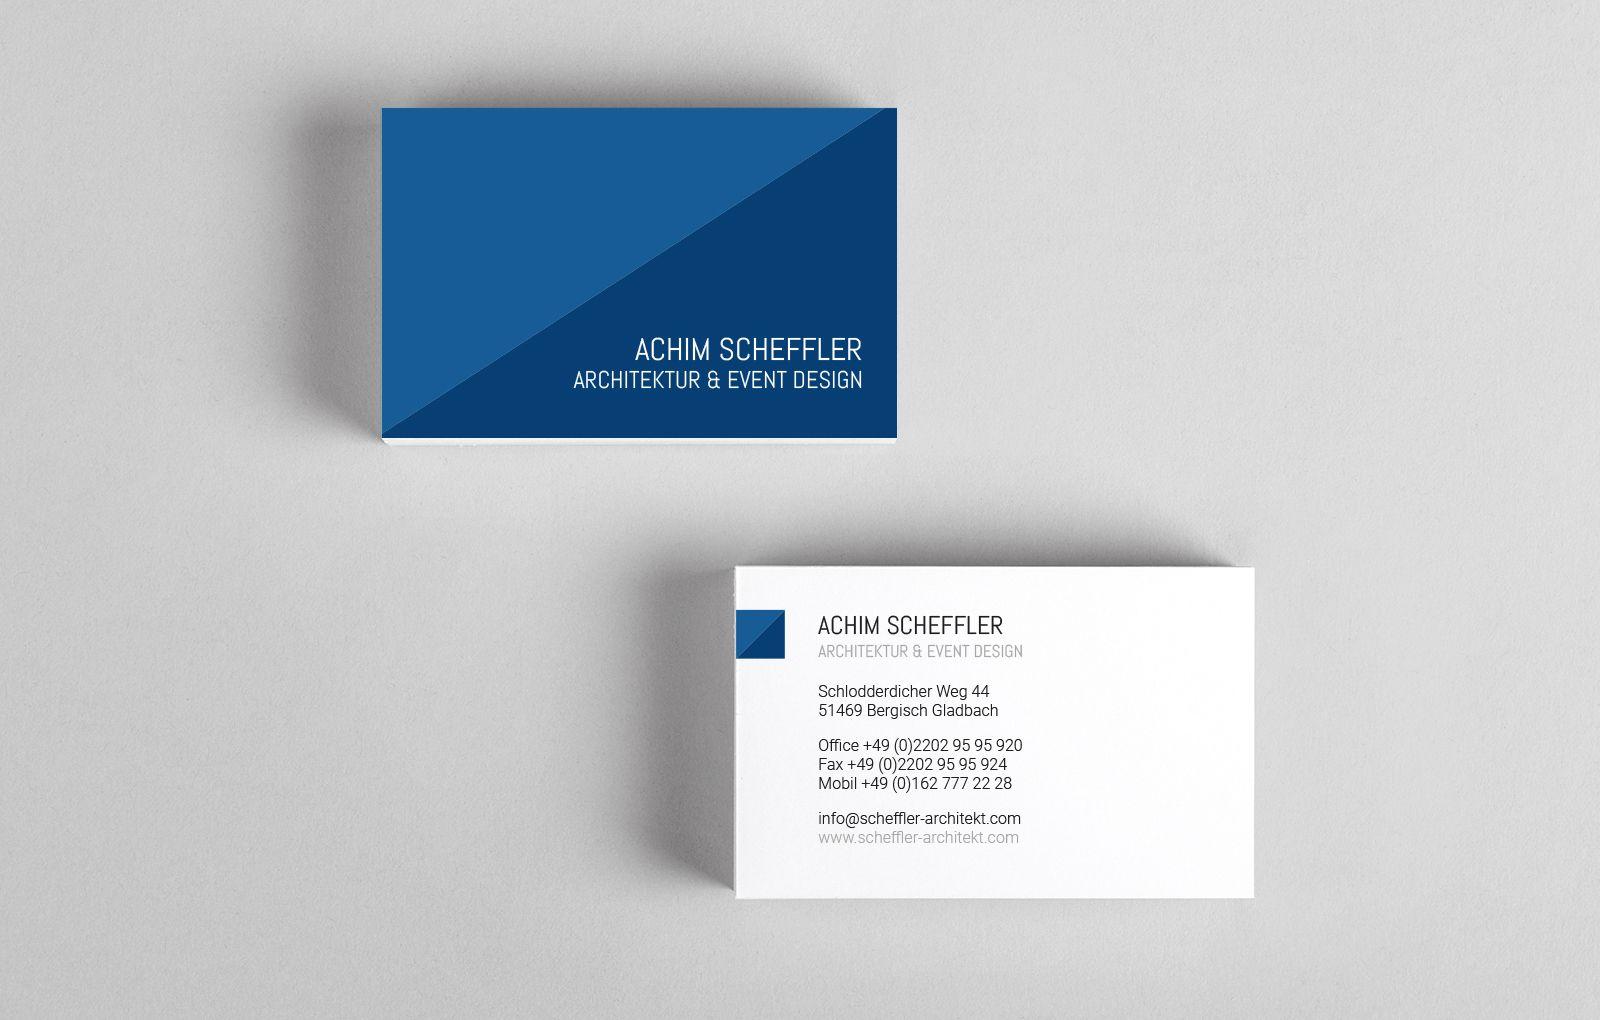 Visitenkarten Achim Scheffler Architektur & Event Design